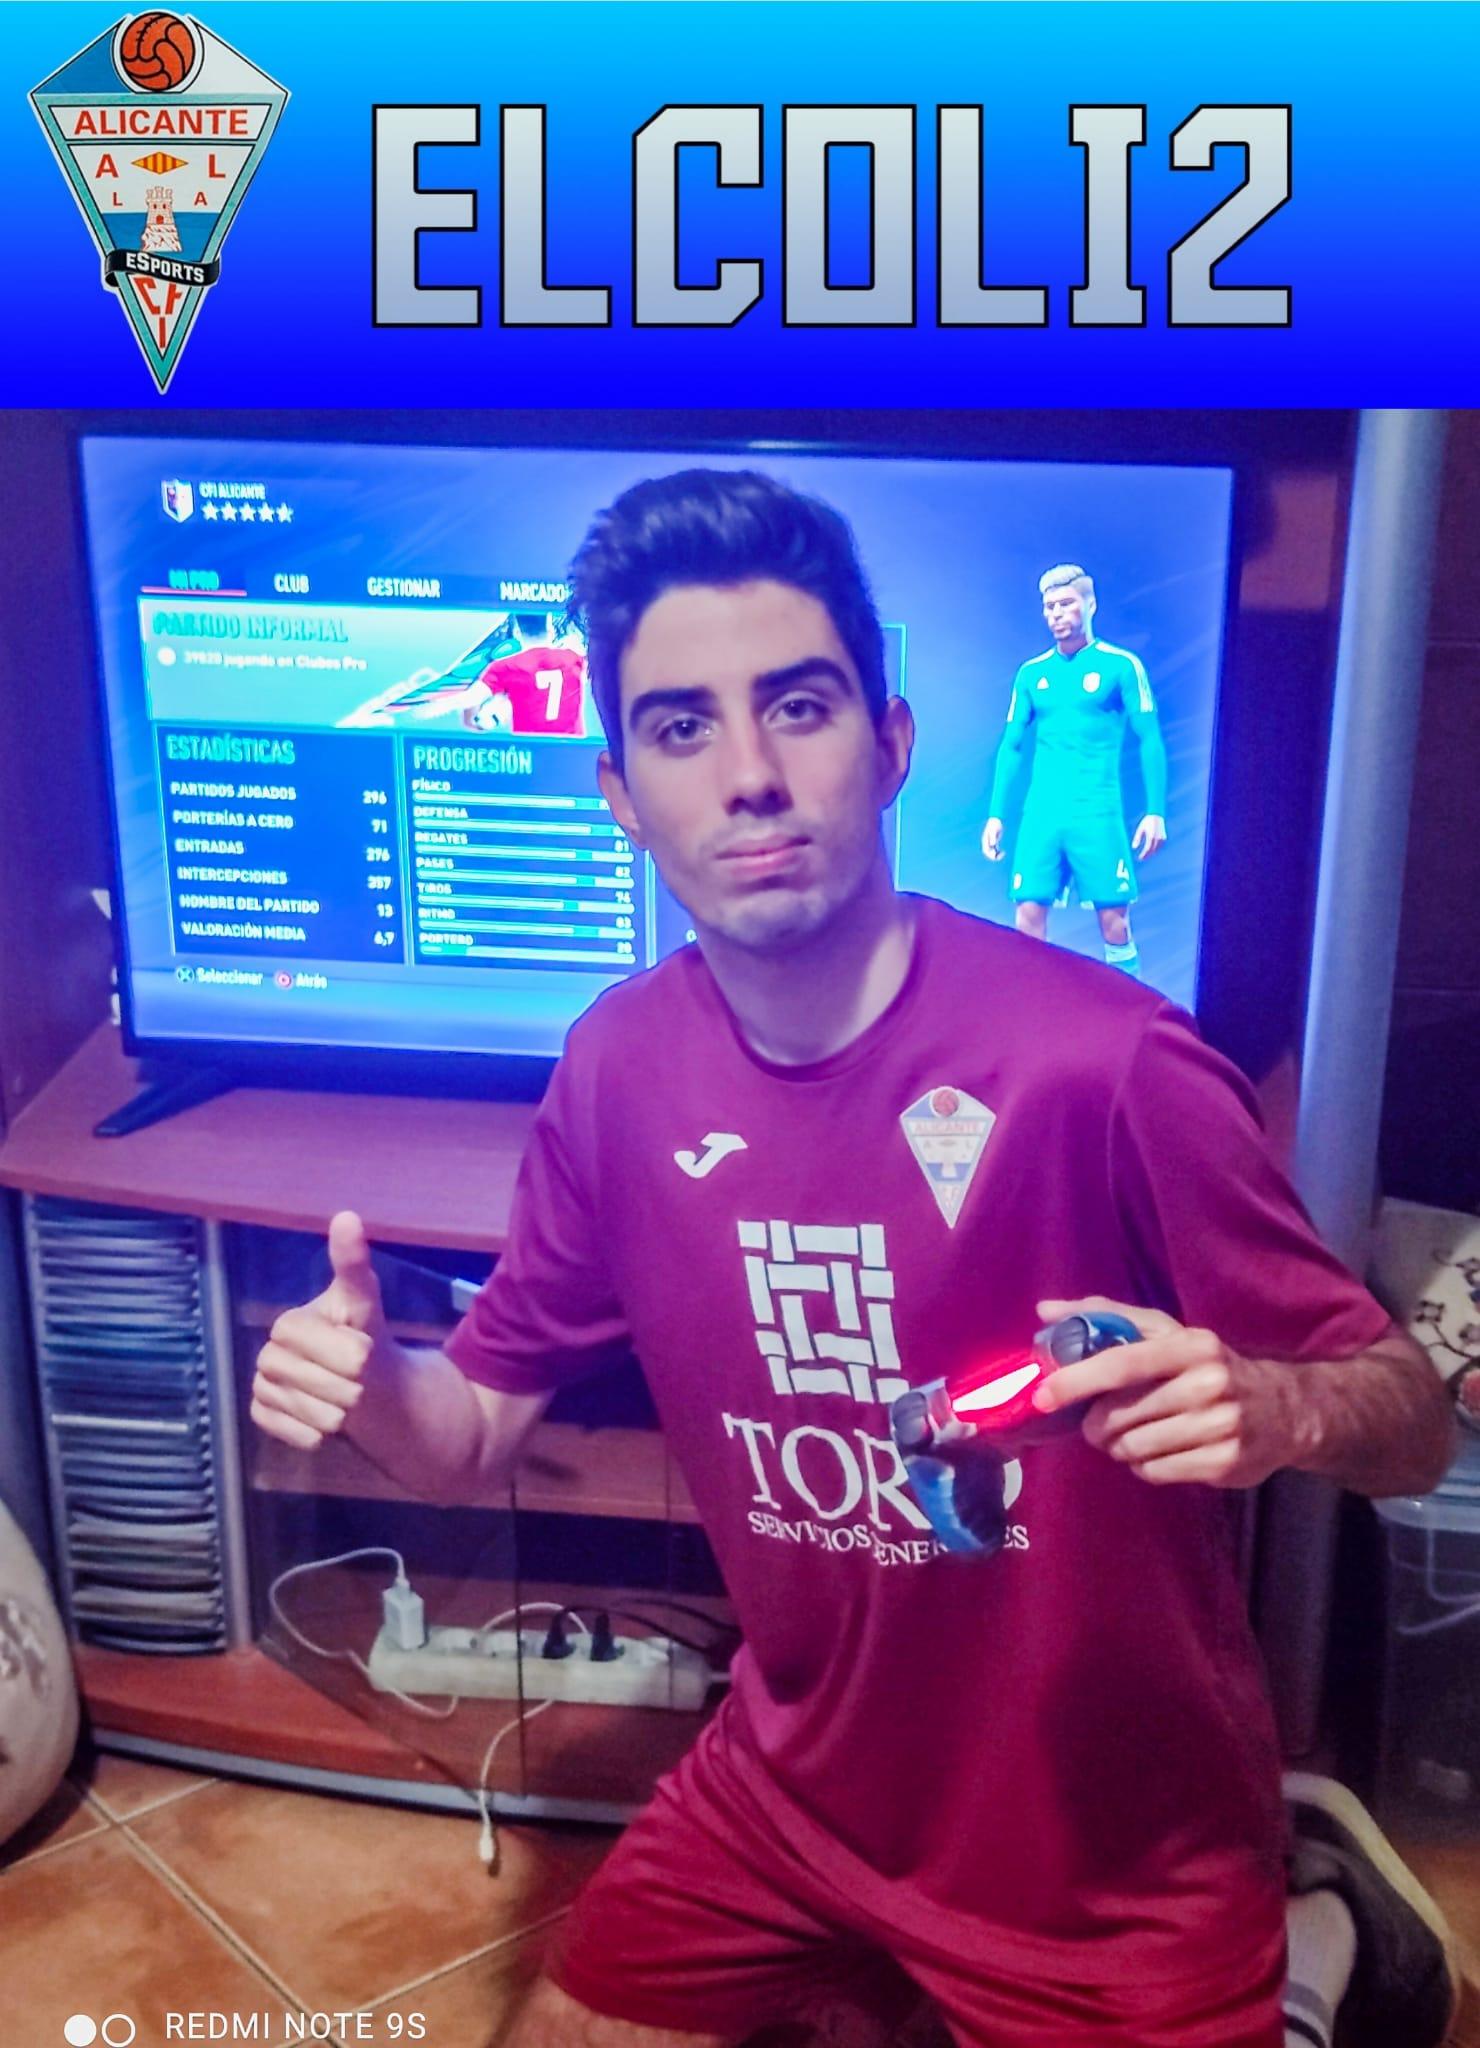 Carrillo/ Uno de los capeones  del equipo campeón eSports Y jugador Juvenil del CFI Alicante